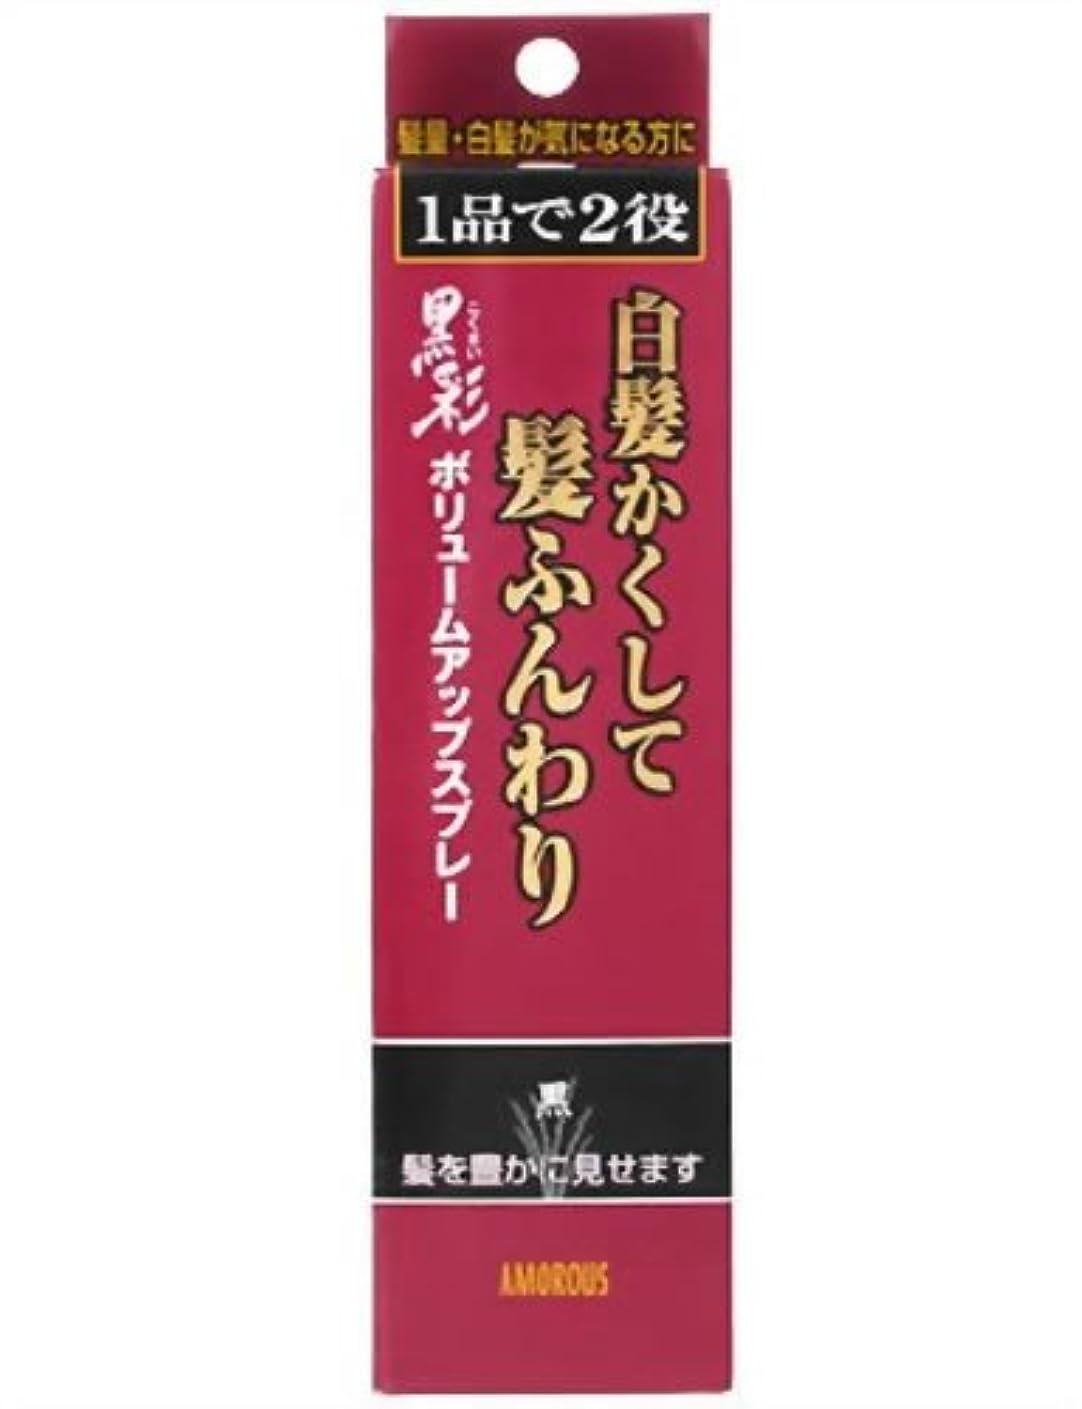 コンサルタントソーセージ対人黒彩 ボリュームアップスプレー 371 黒 142ML